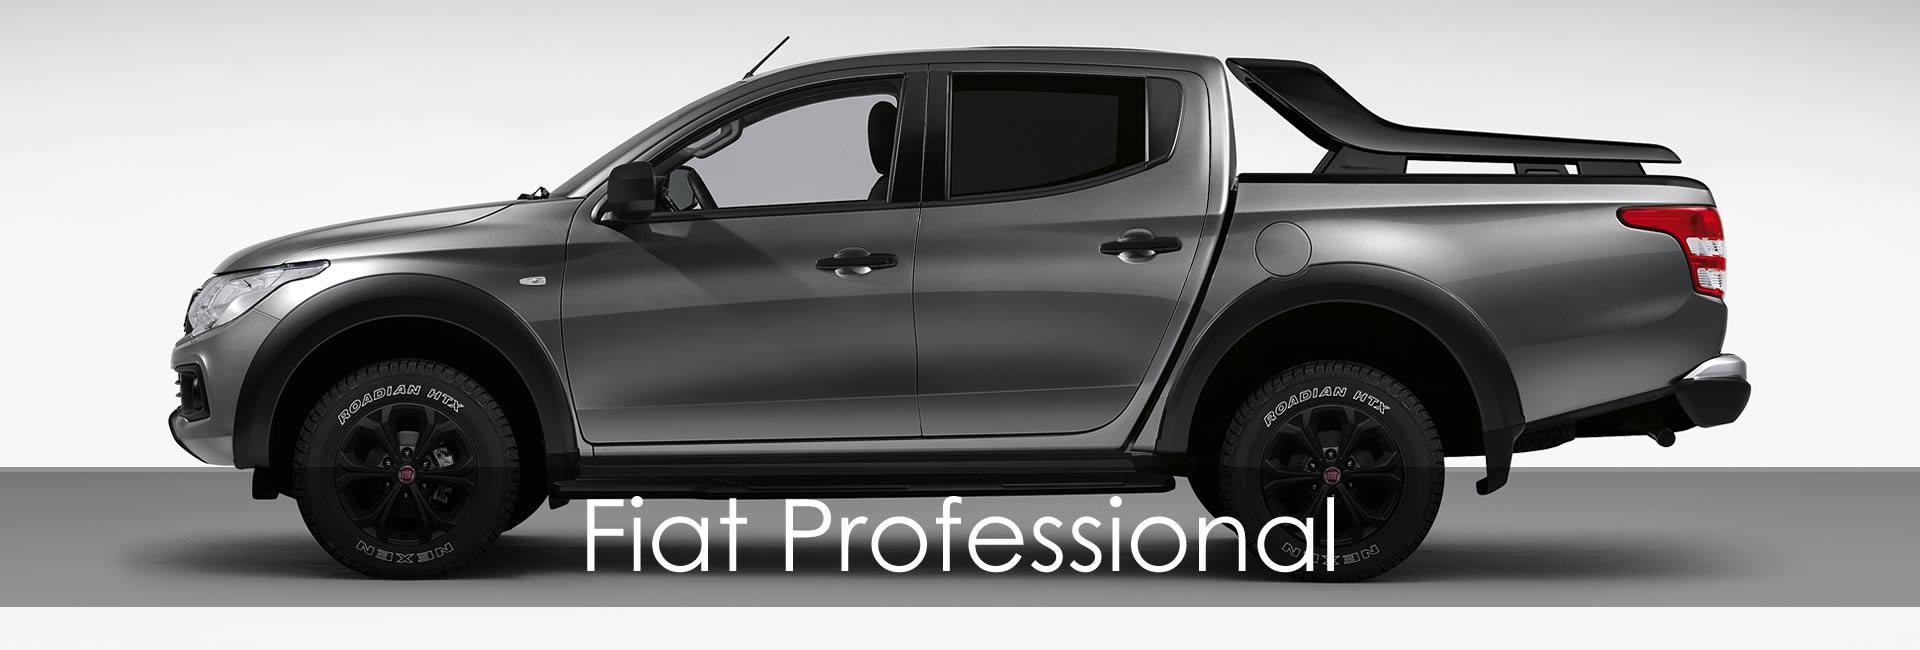 Fiat Professional Augsburg